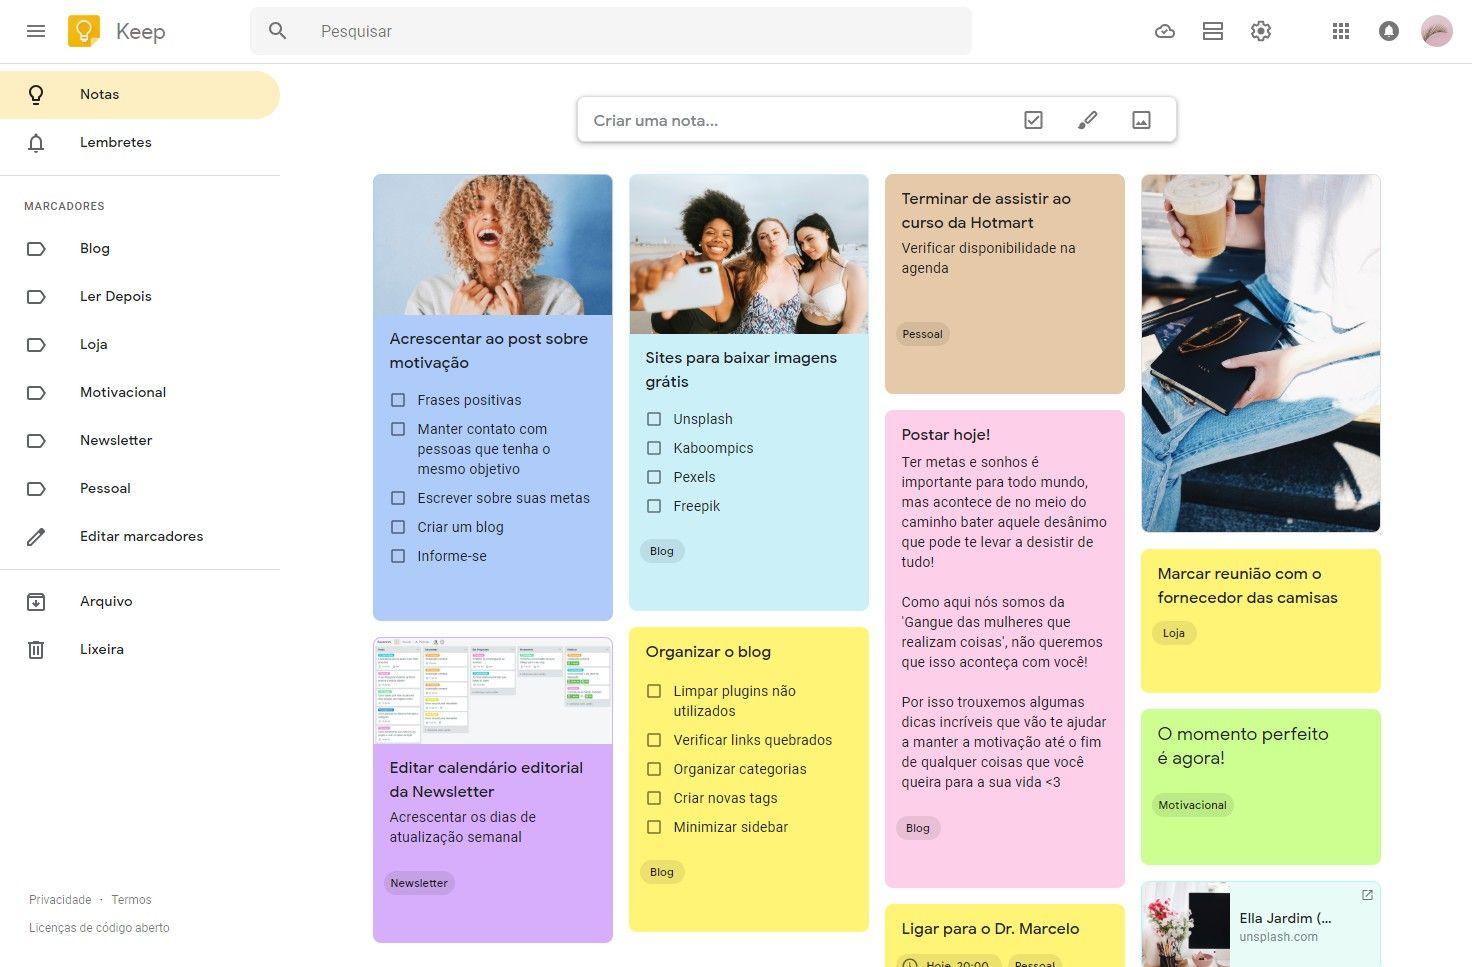 Os 6 Apps Gratuitos Para Planejar E Organizar A Vida Em 2020